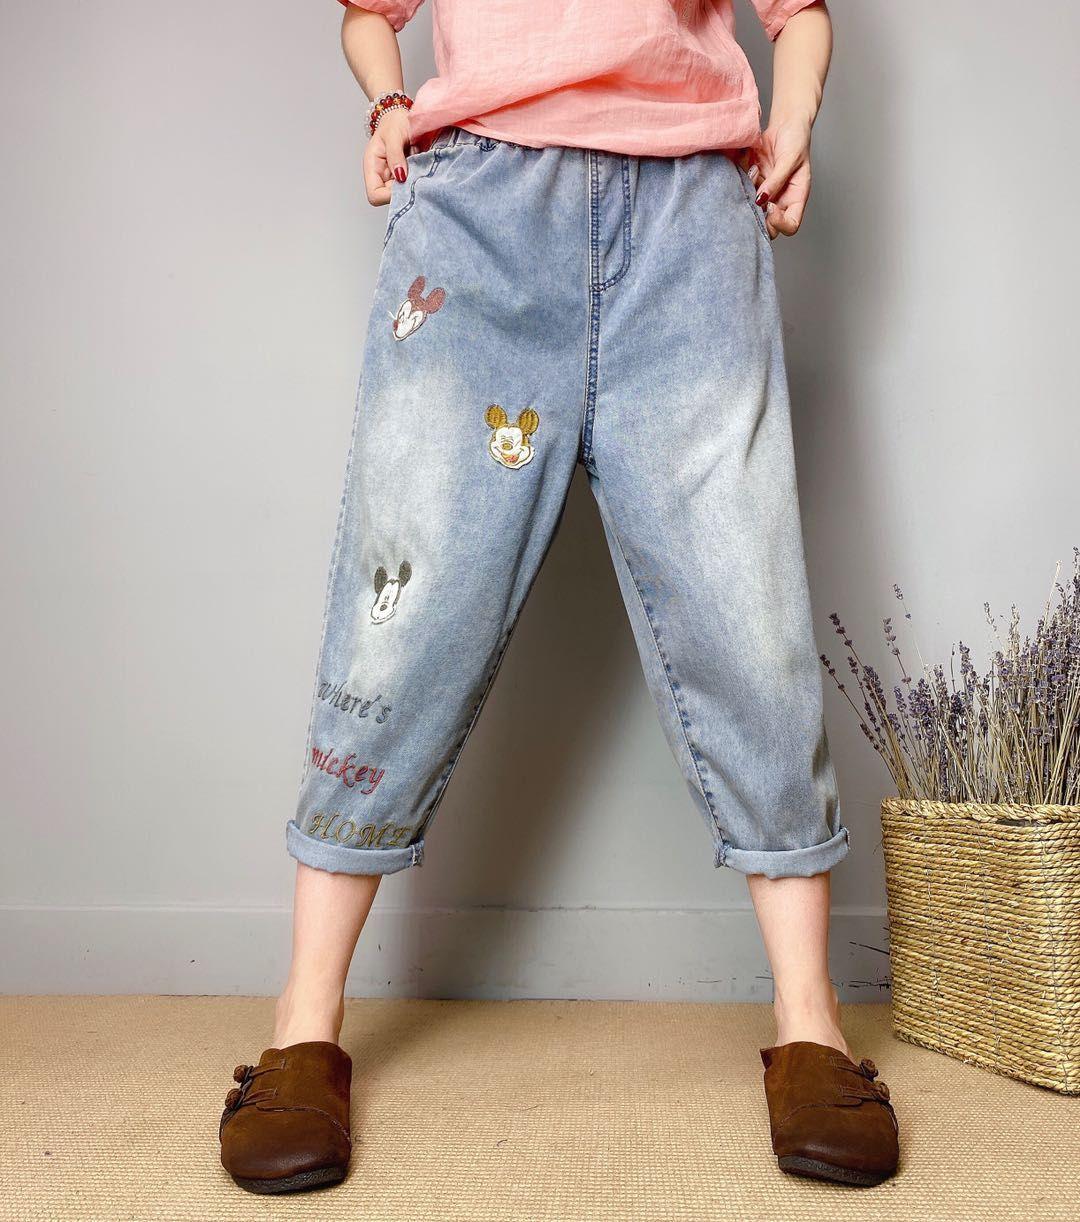 Violet Haroun pantaloni di colore chiaro o del modello jeans femminili In Estate Bk4640